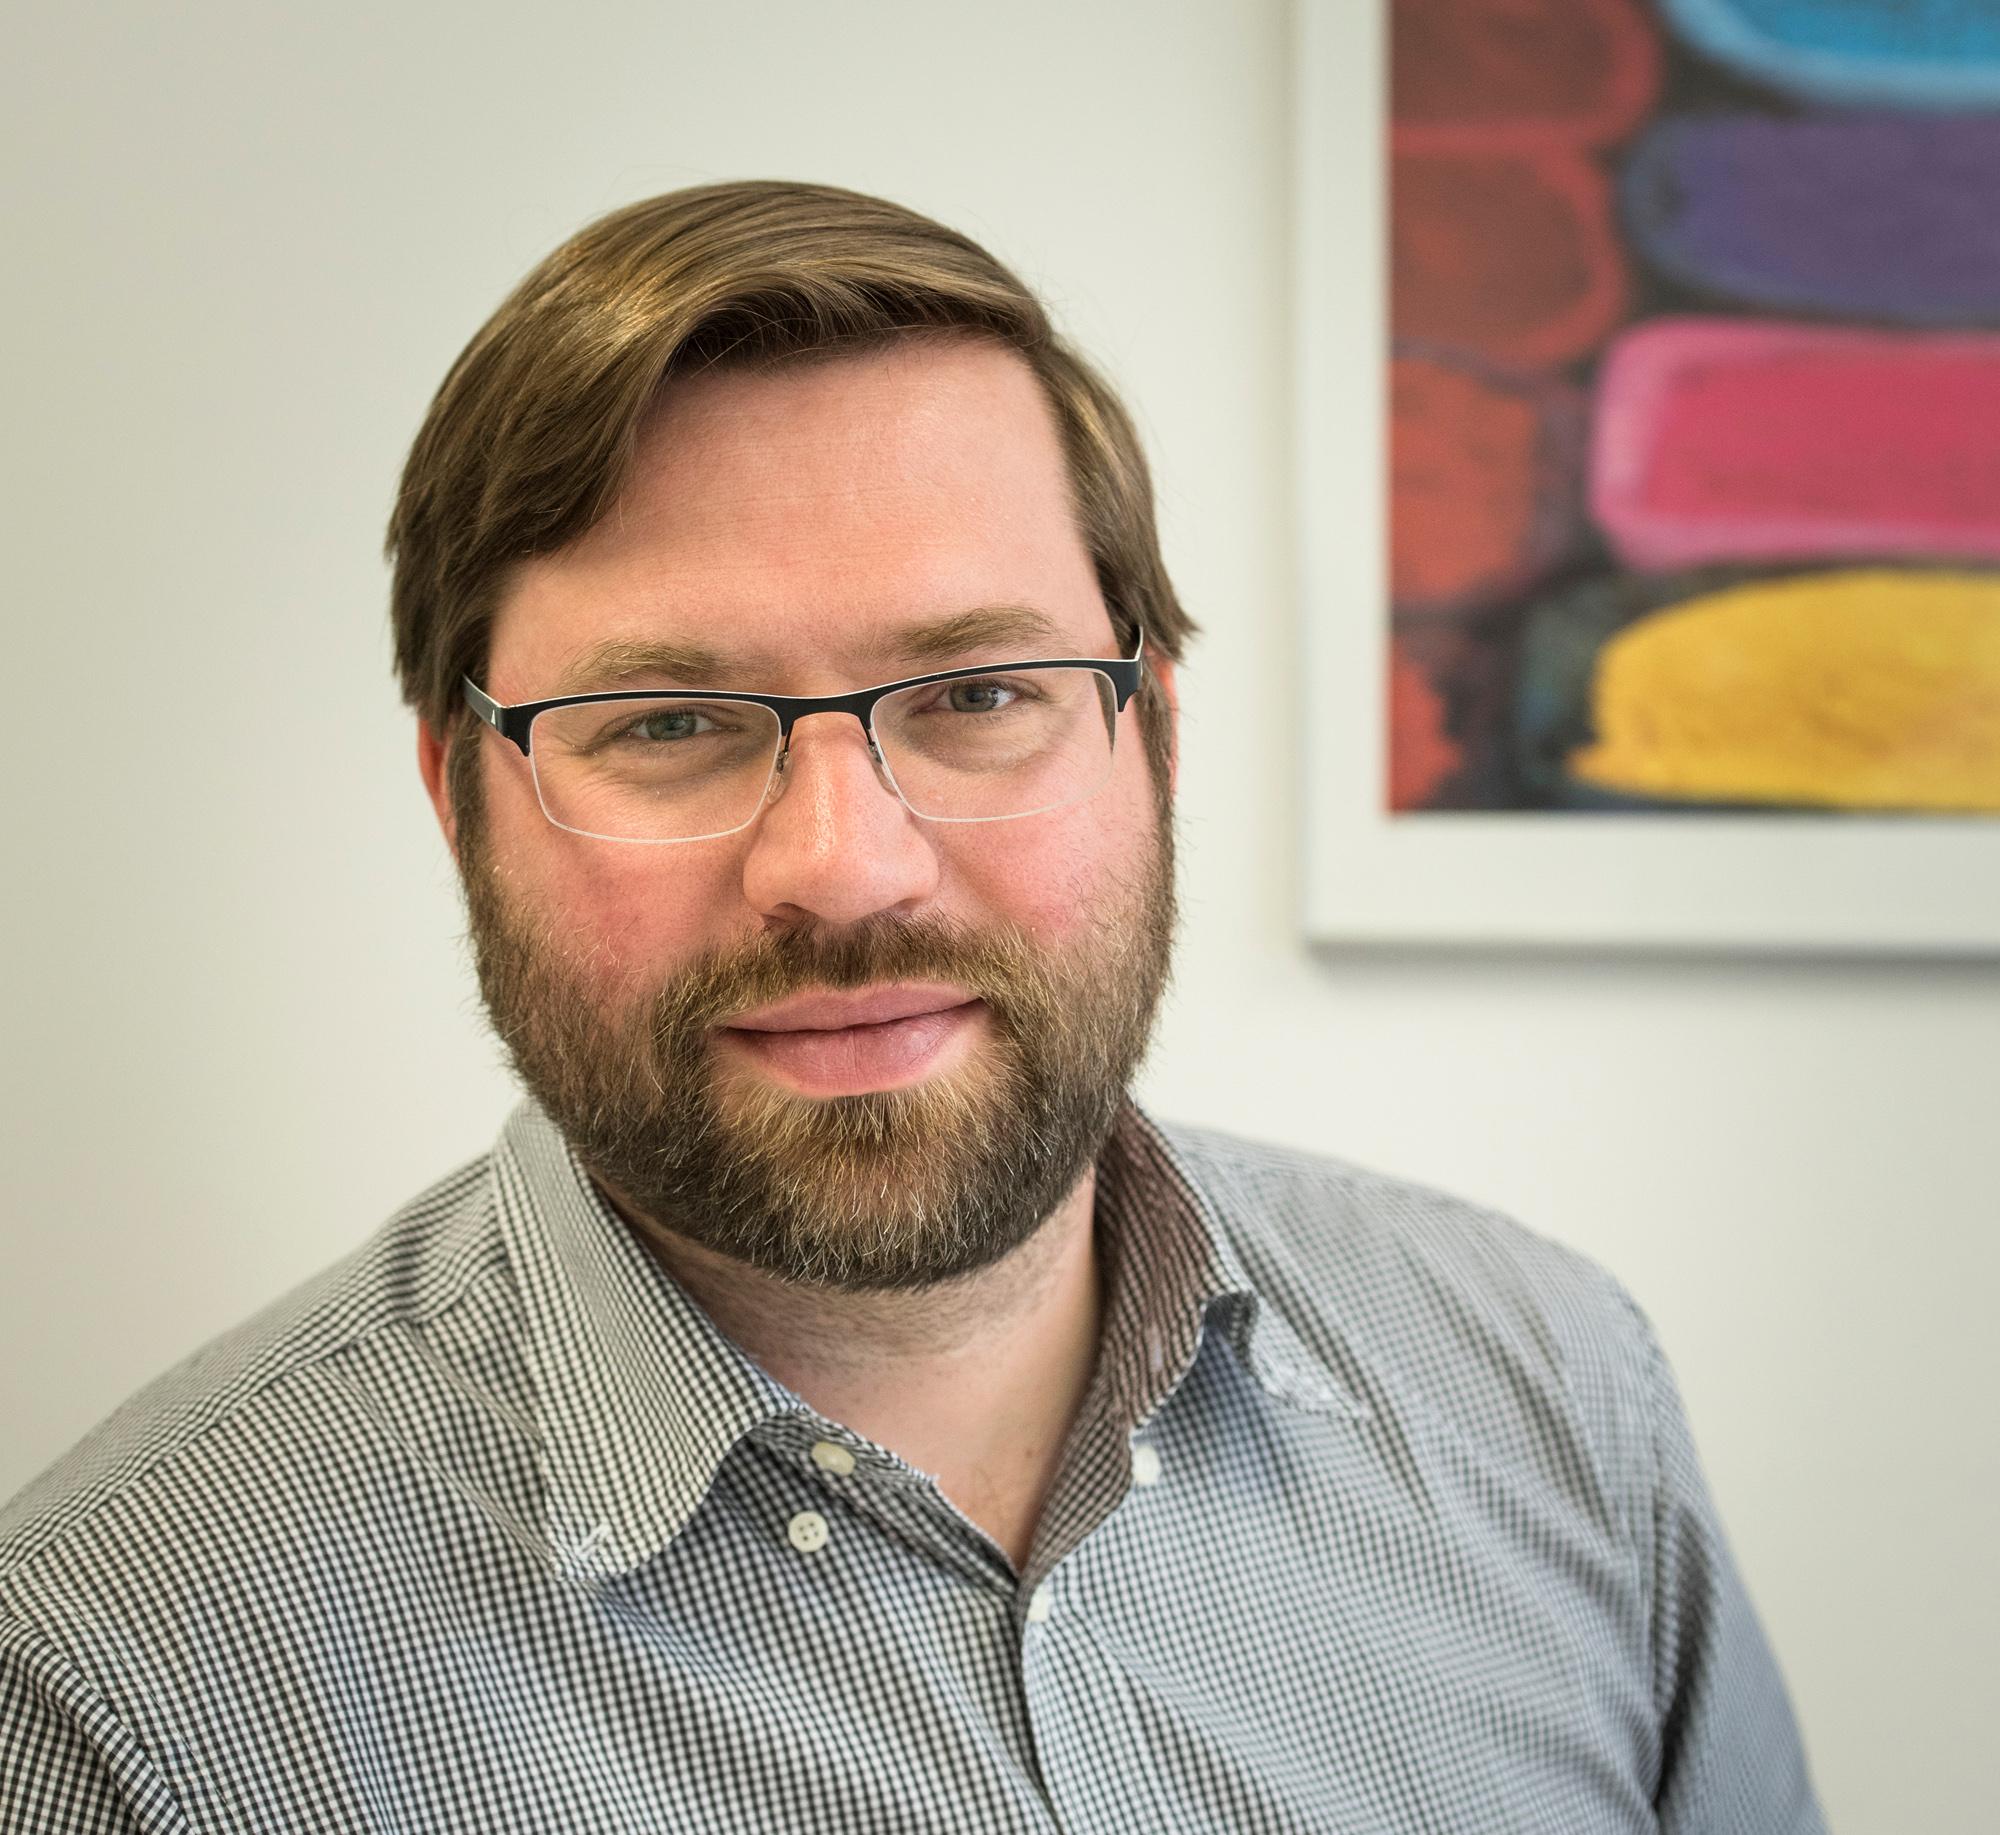 Prof. Dr. med Christian Huber ist Facharzt für Psychiatrie und Psychotherapie und leitet die Erwachsenen-Psychiatrie, das Gesundheitszentrum Psychiatrie und das Zentrum für Diagnostik und Krisenintervention der UPK Basel.